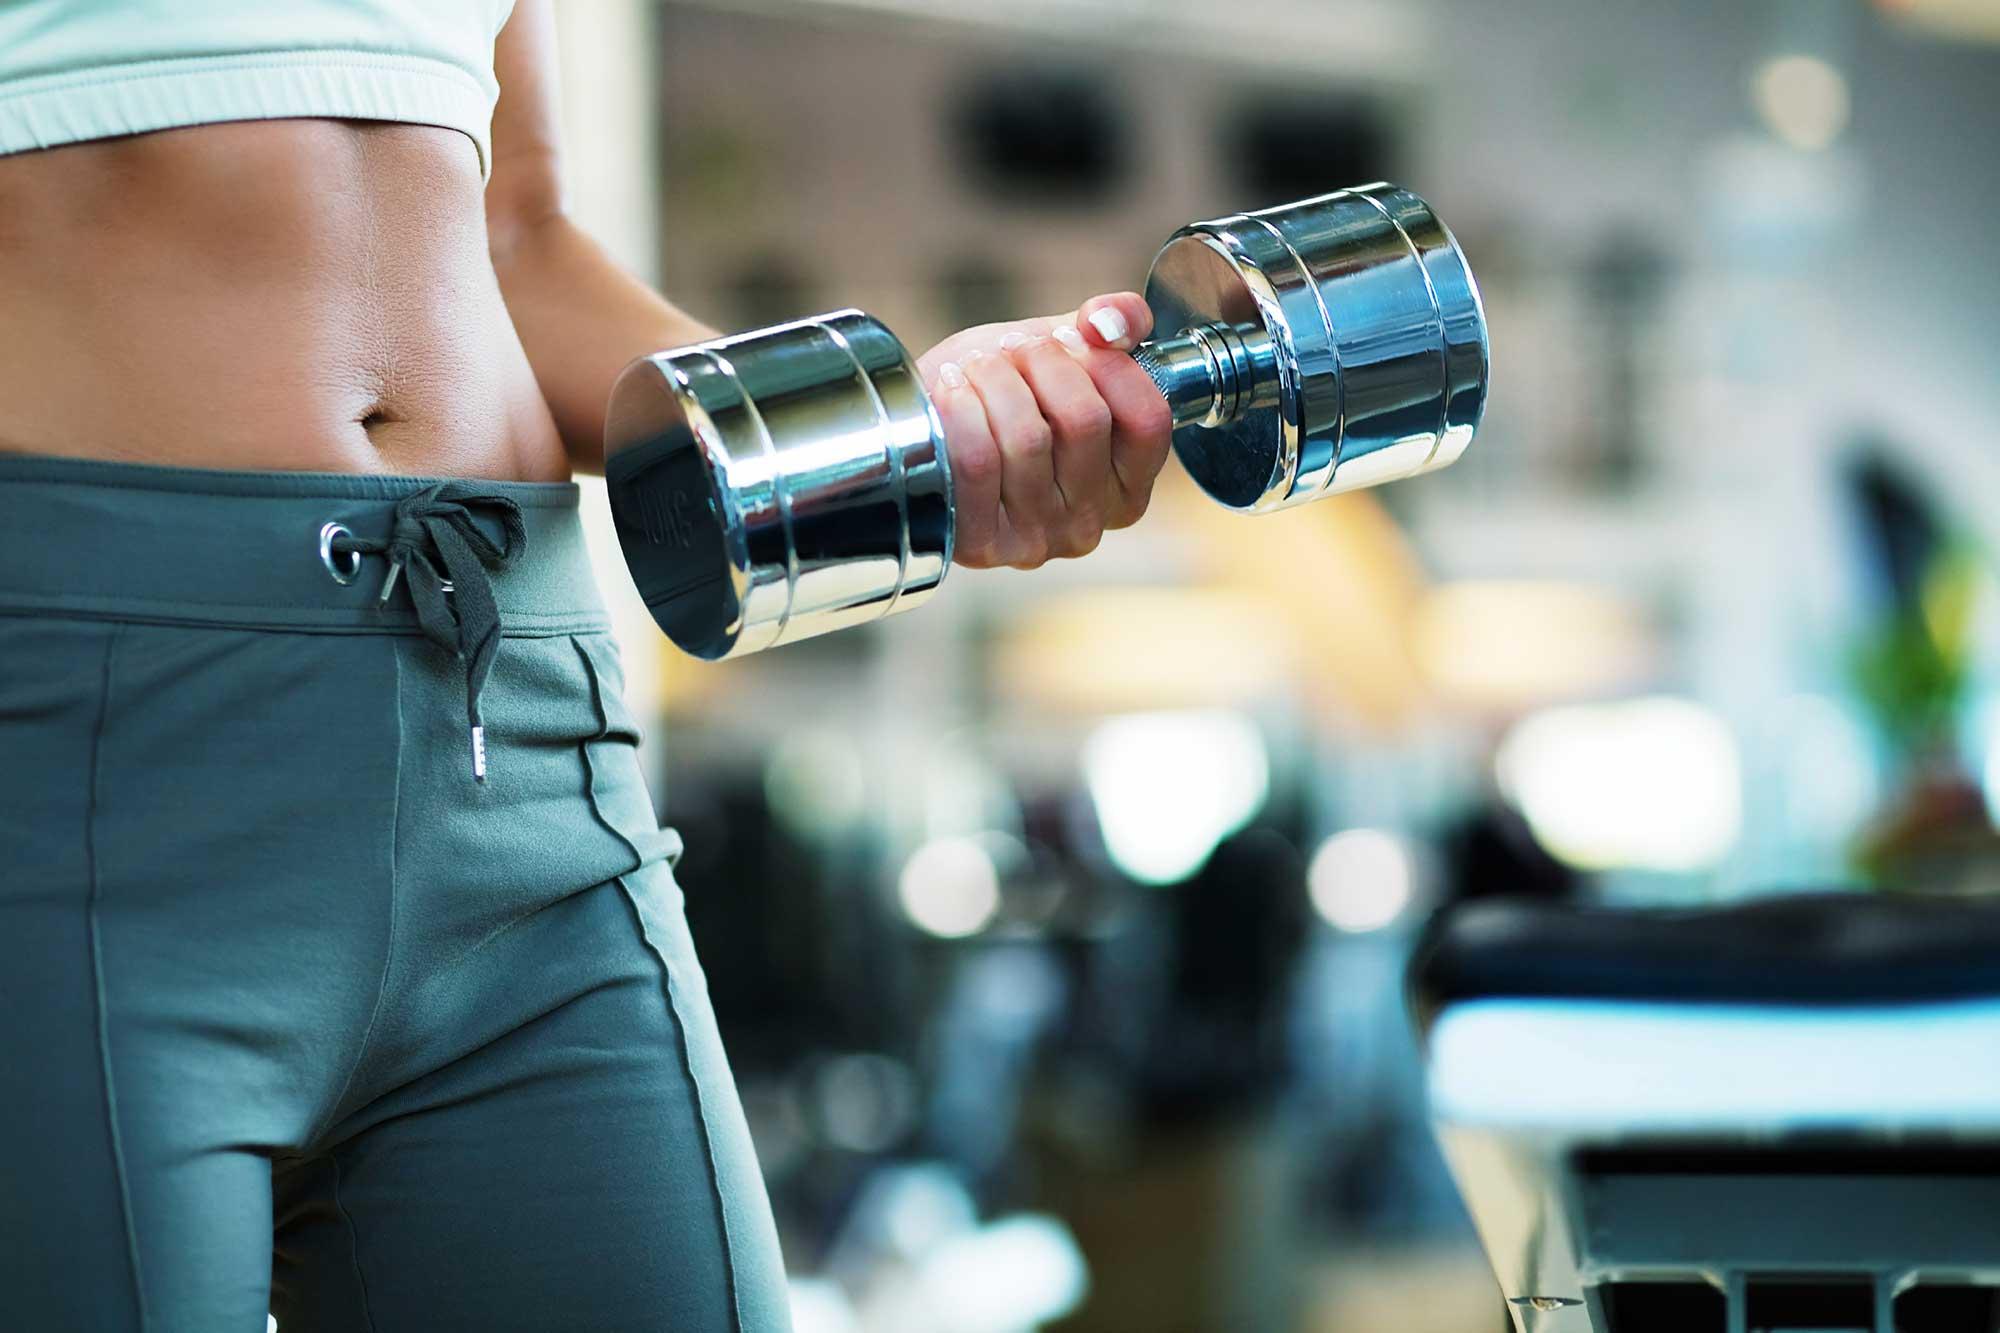 Mitos Sobre os Exercícios para Emagrecer e Seus Efeitos